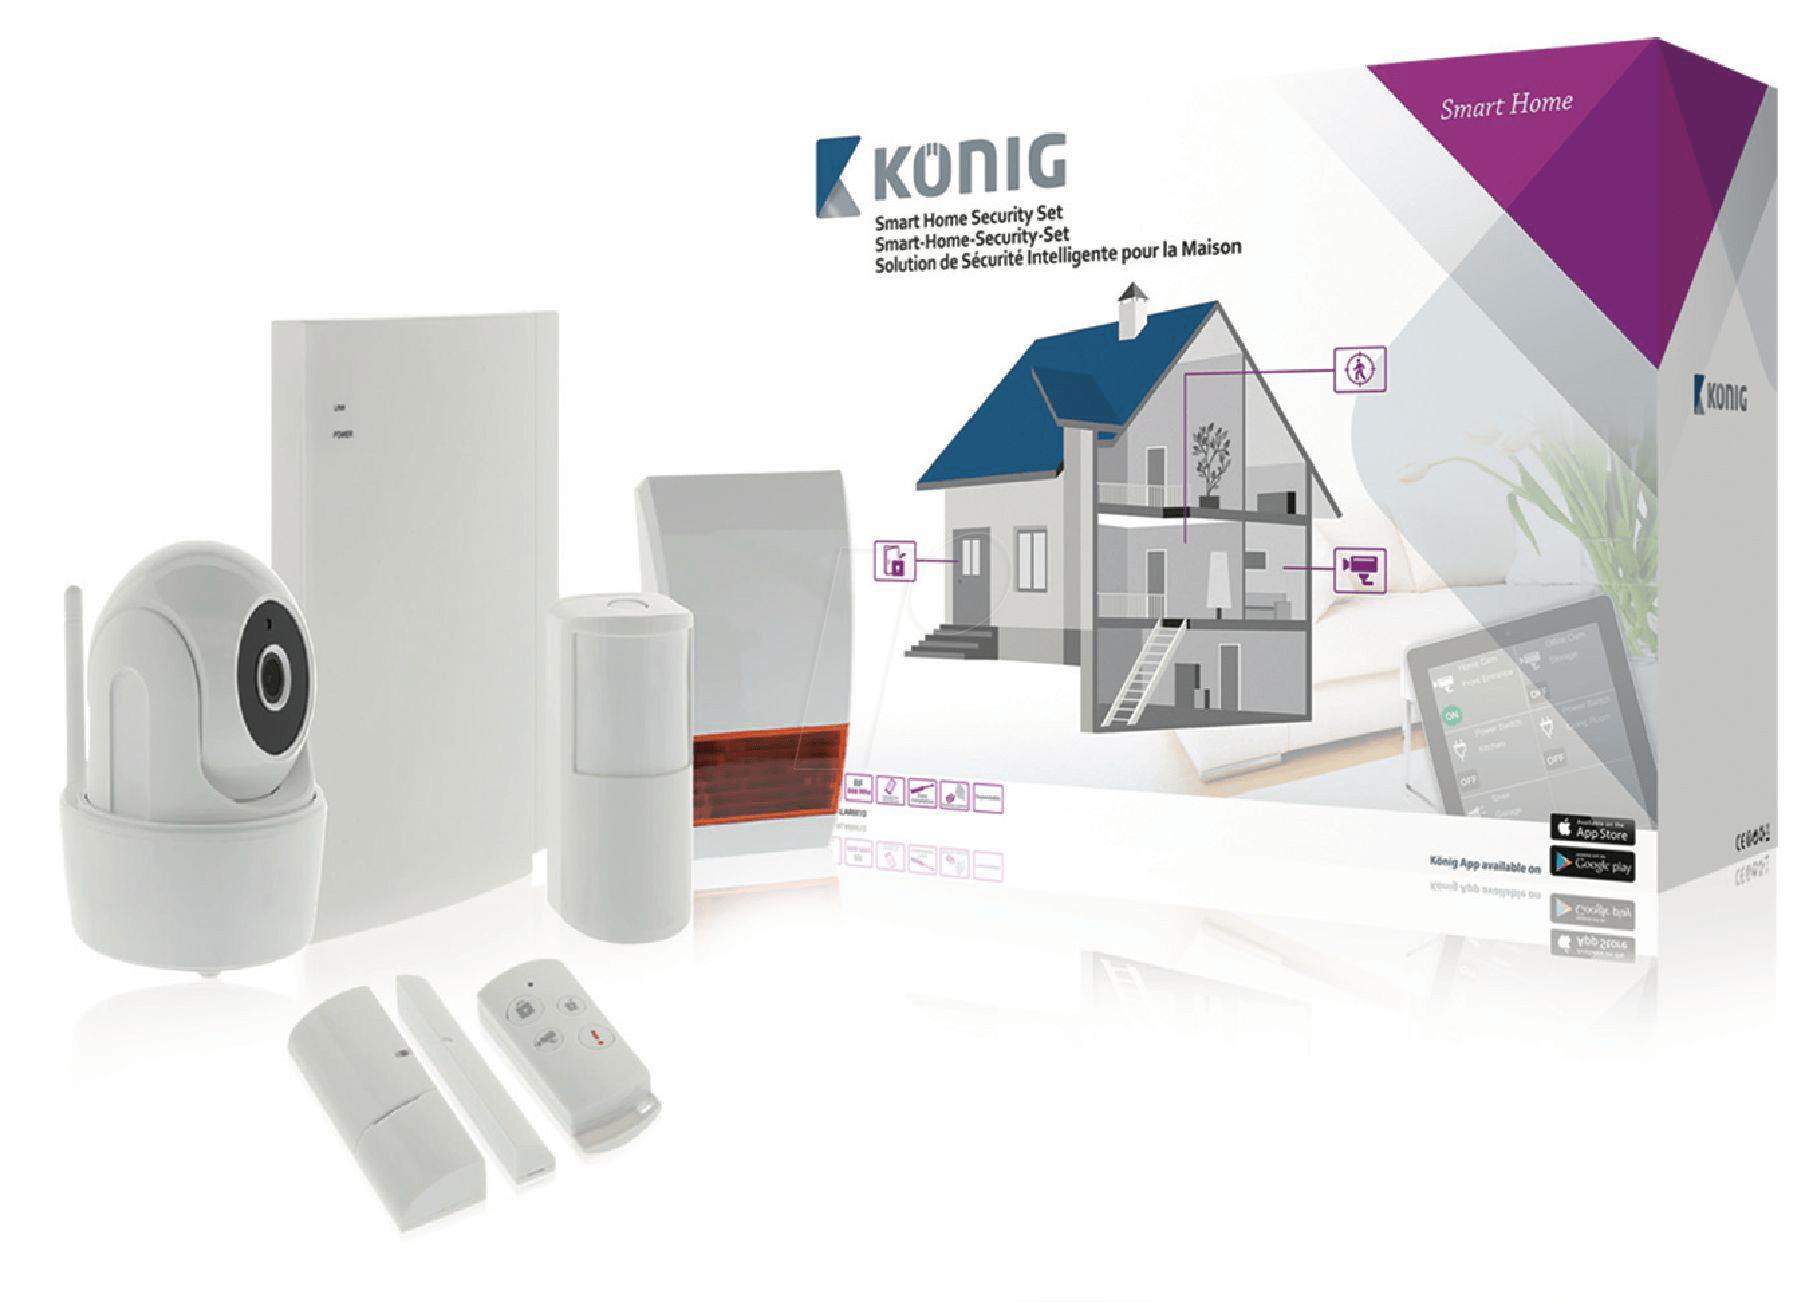 sas clarm10 smart home security set at reichelt elektronik. Black Bedroom Furniture Sets. Home Design Ideas